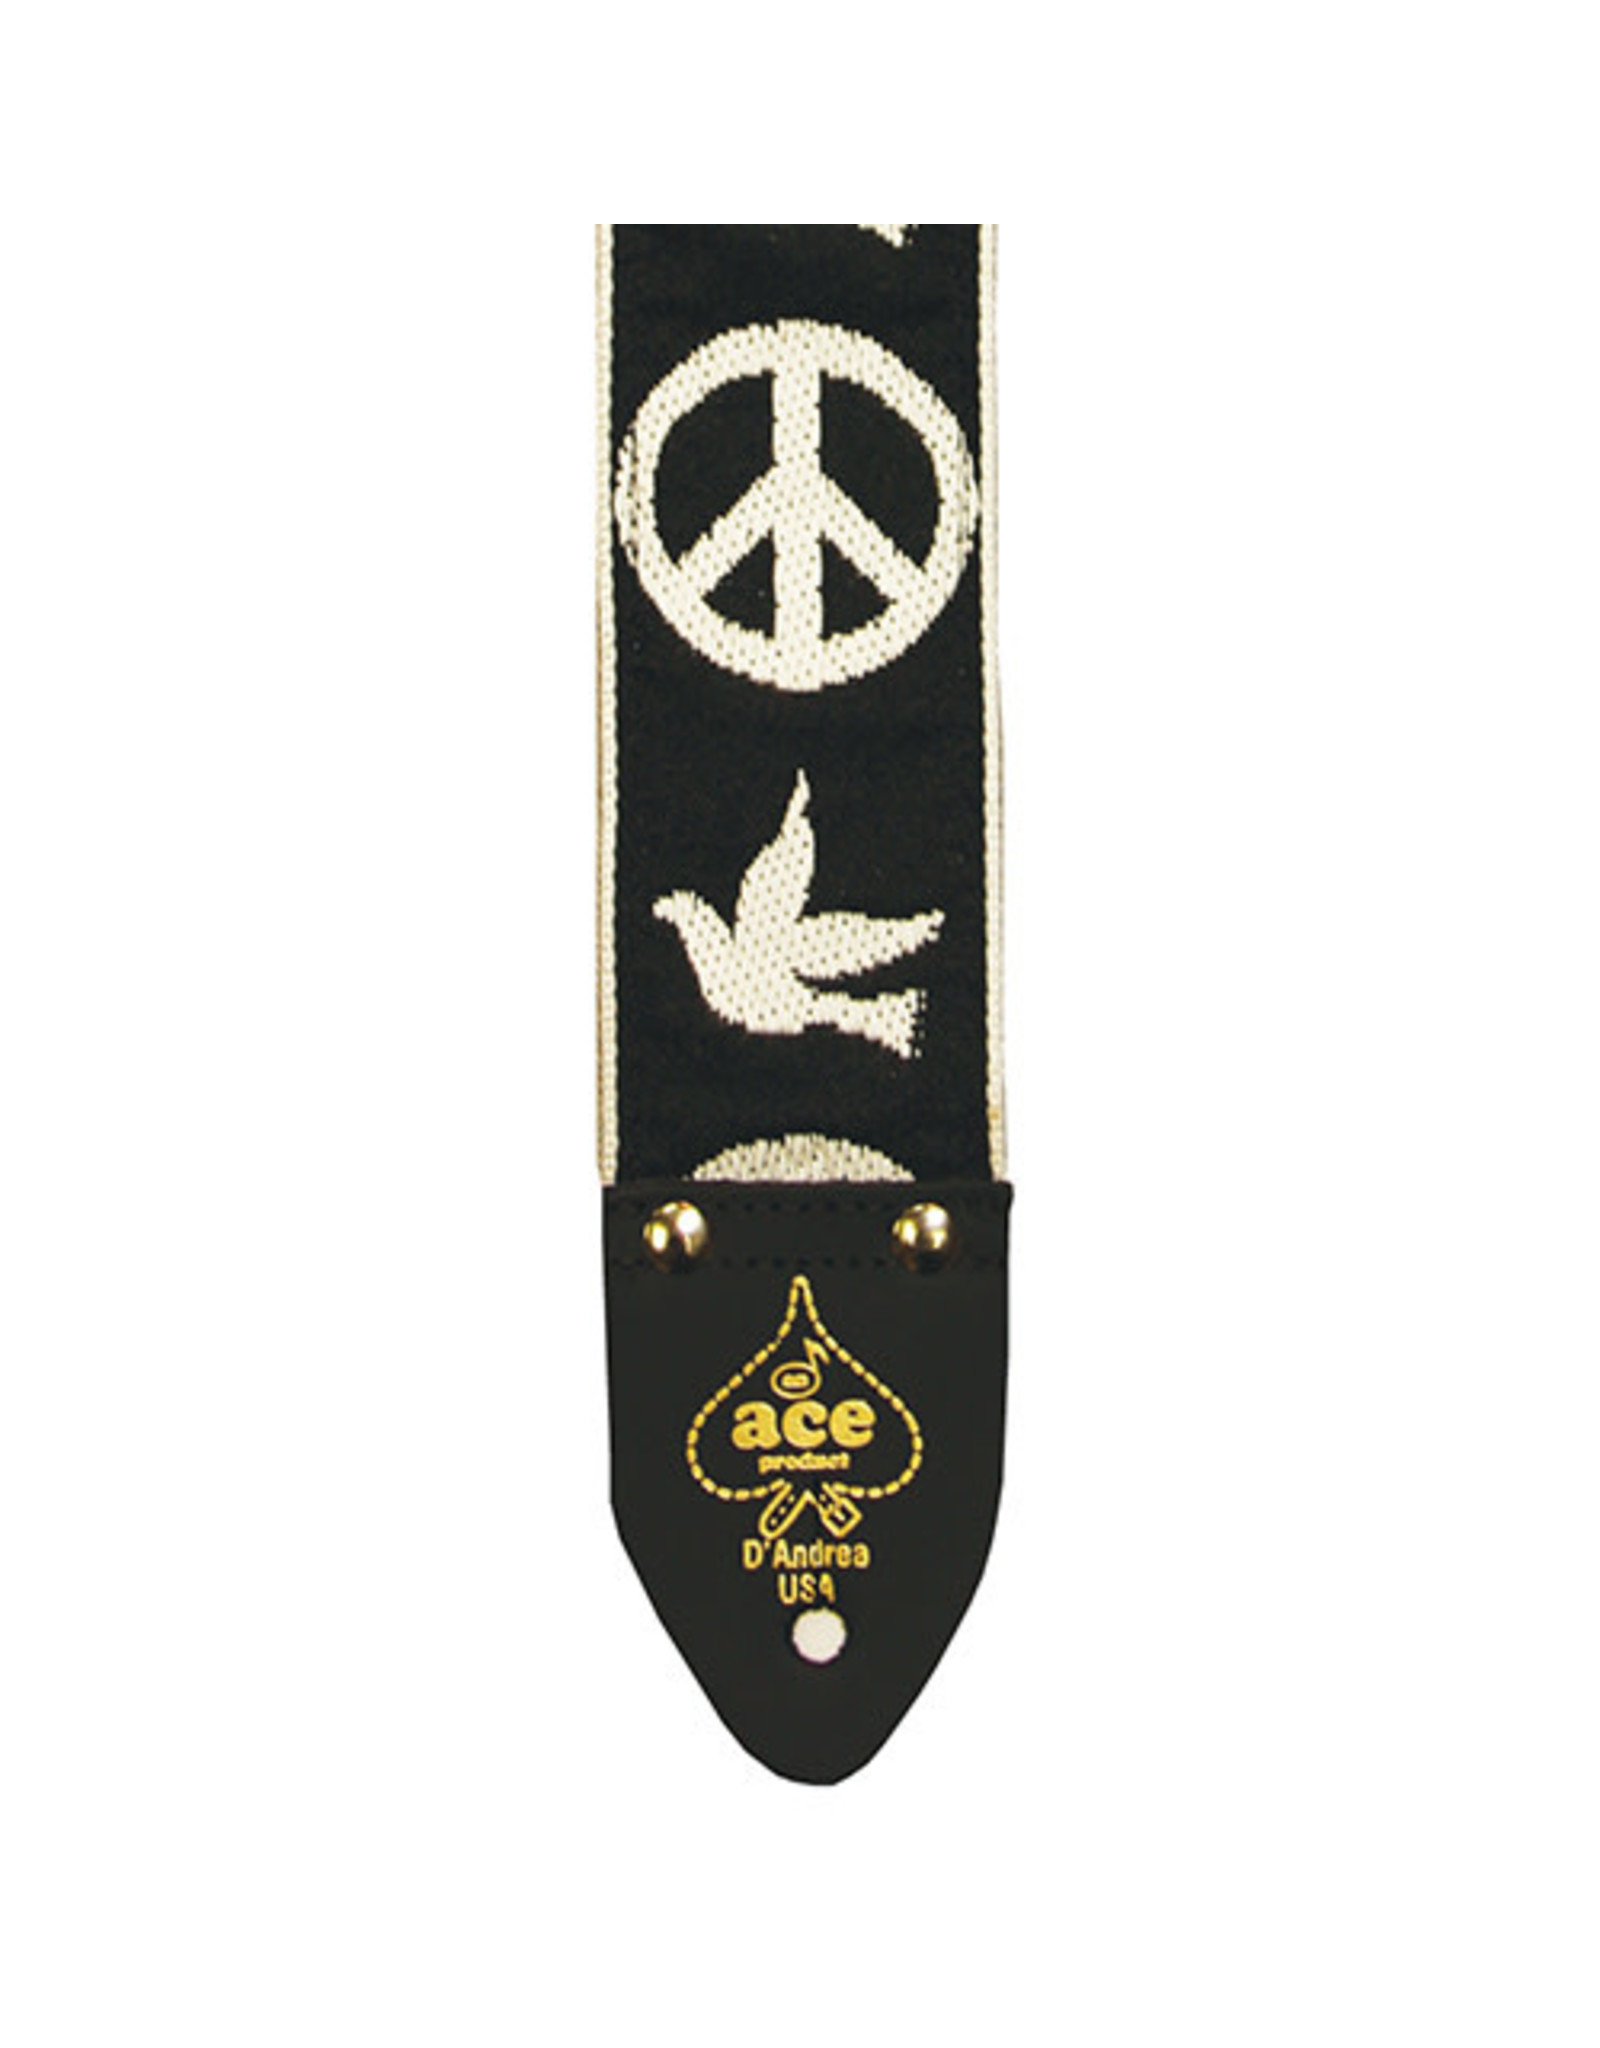 Ace Ace Vintage Reissue Guitar Strap – Peace & Dove